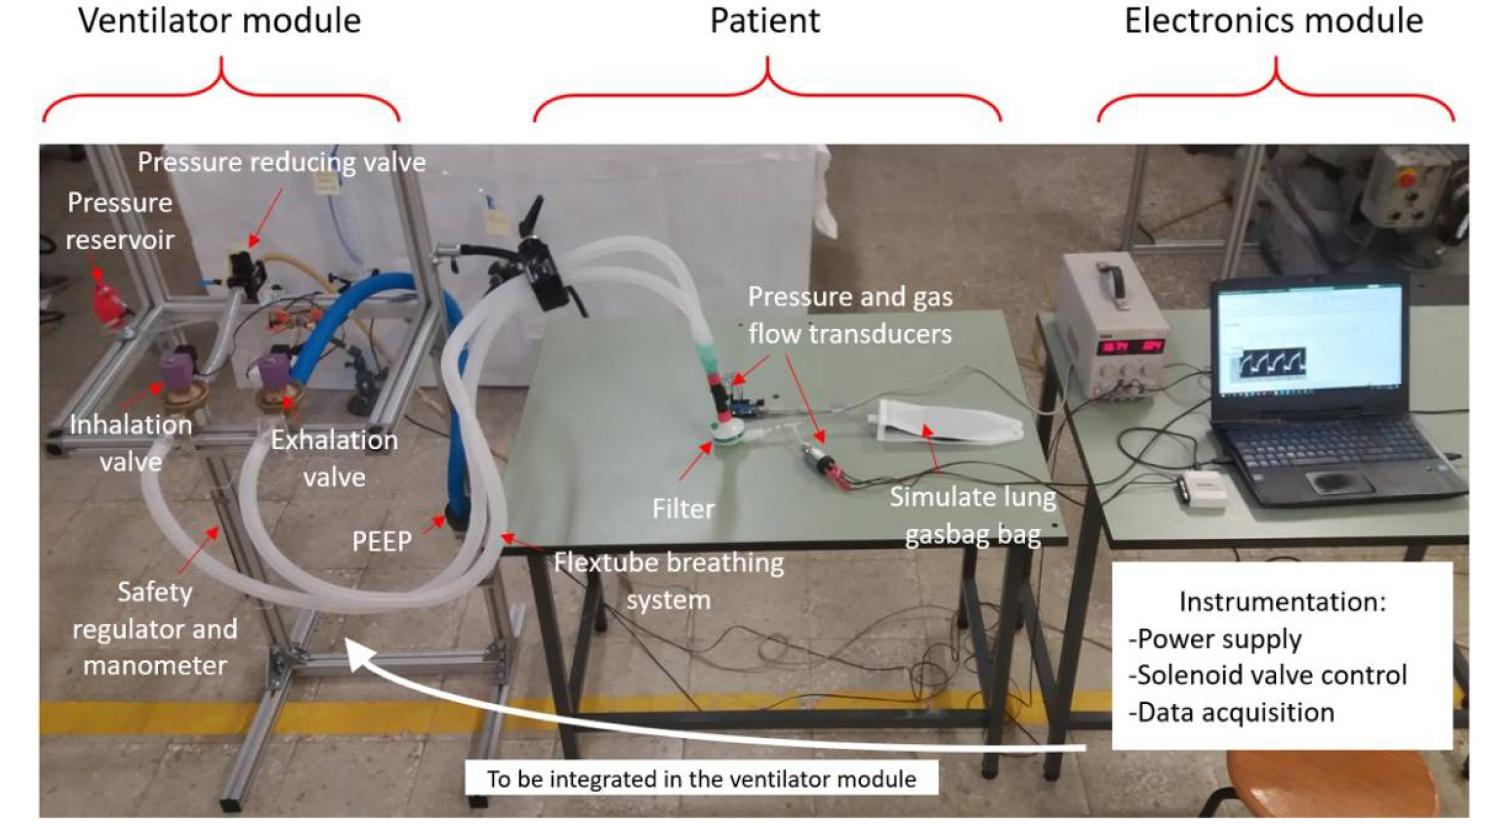 Ventilador de emergência minimalista  por pressão controlada para COVID-19